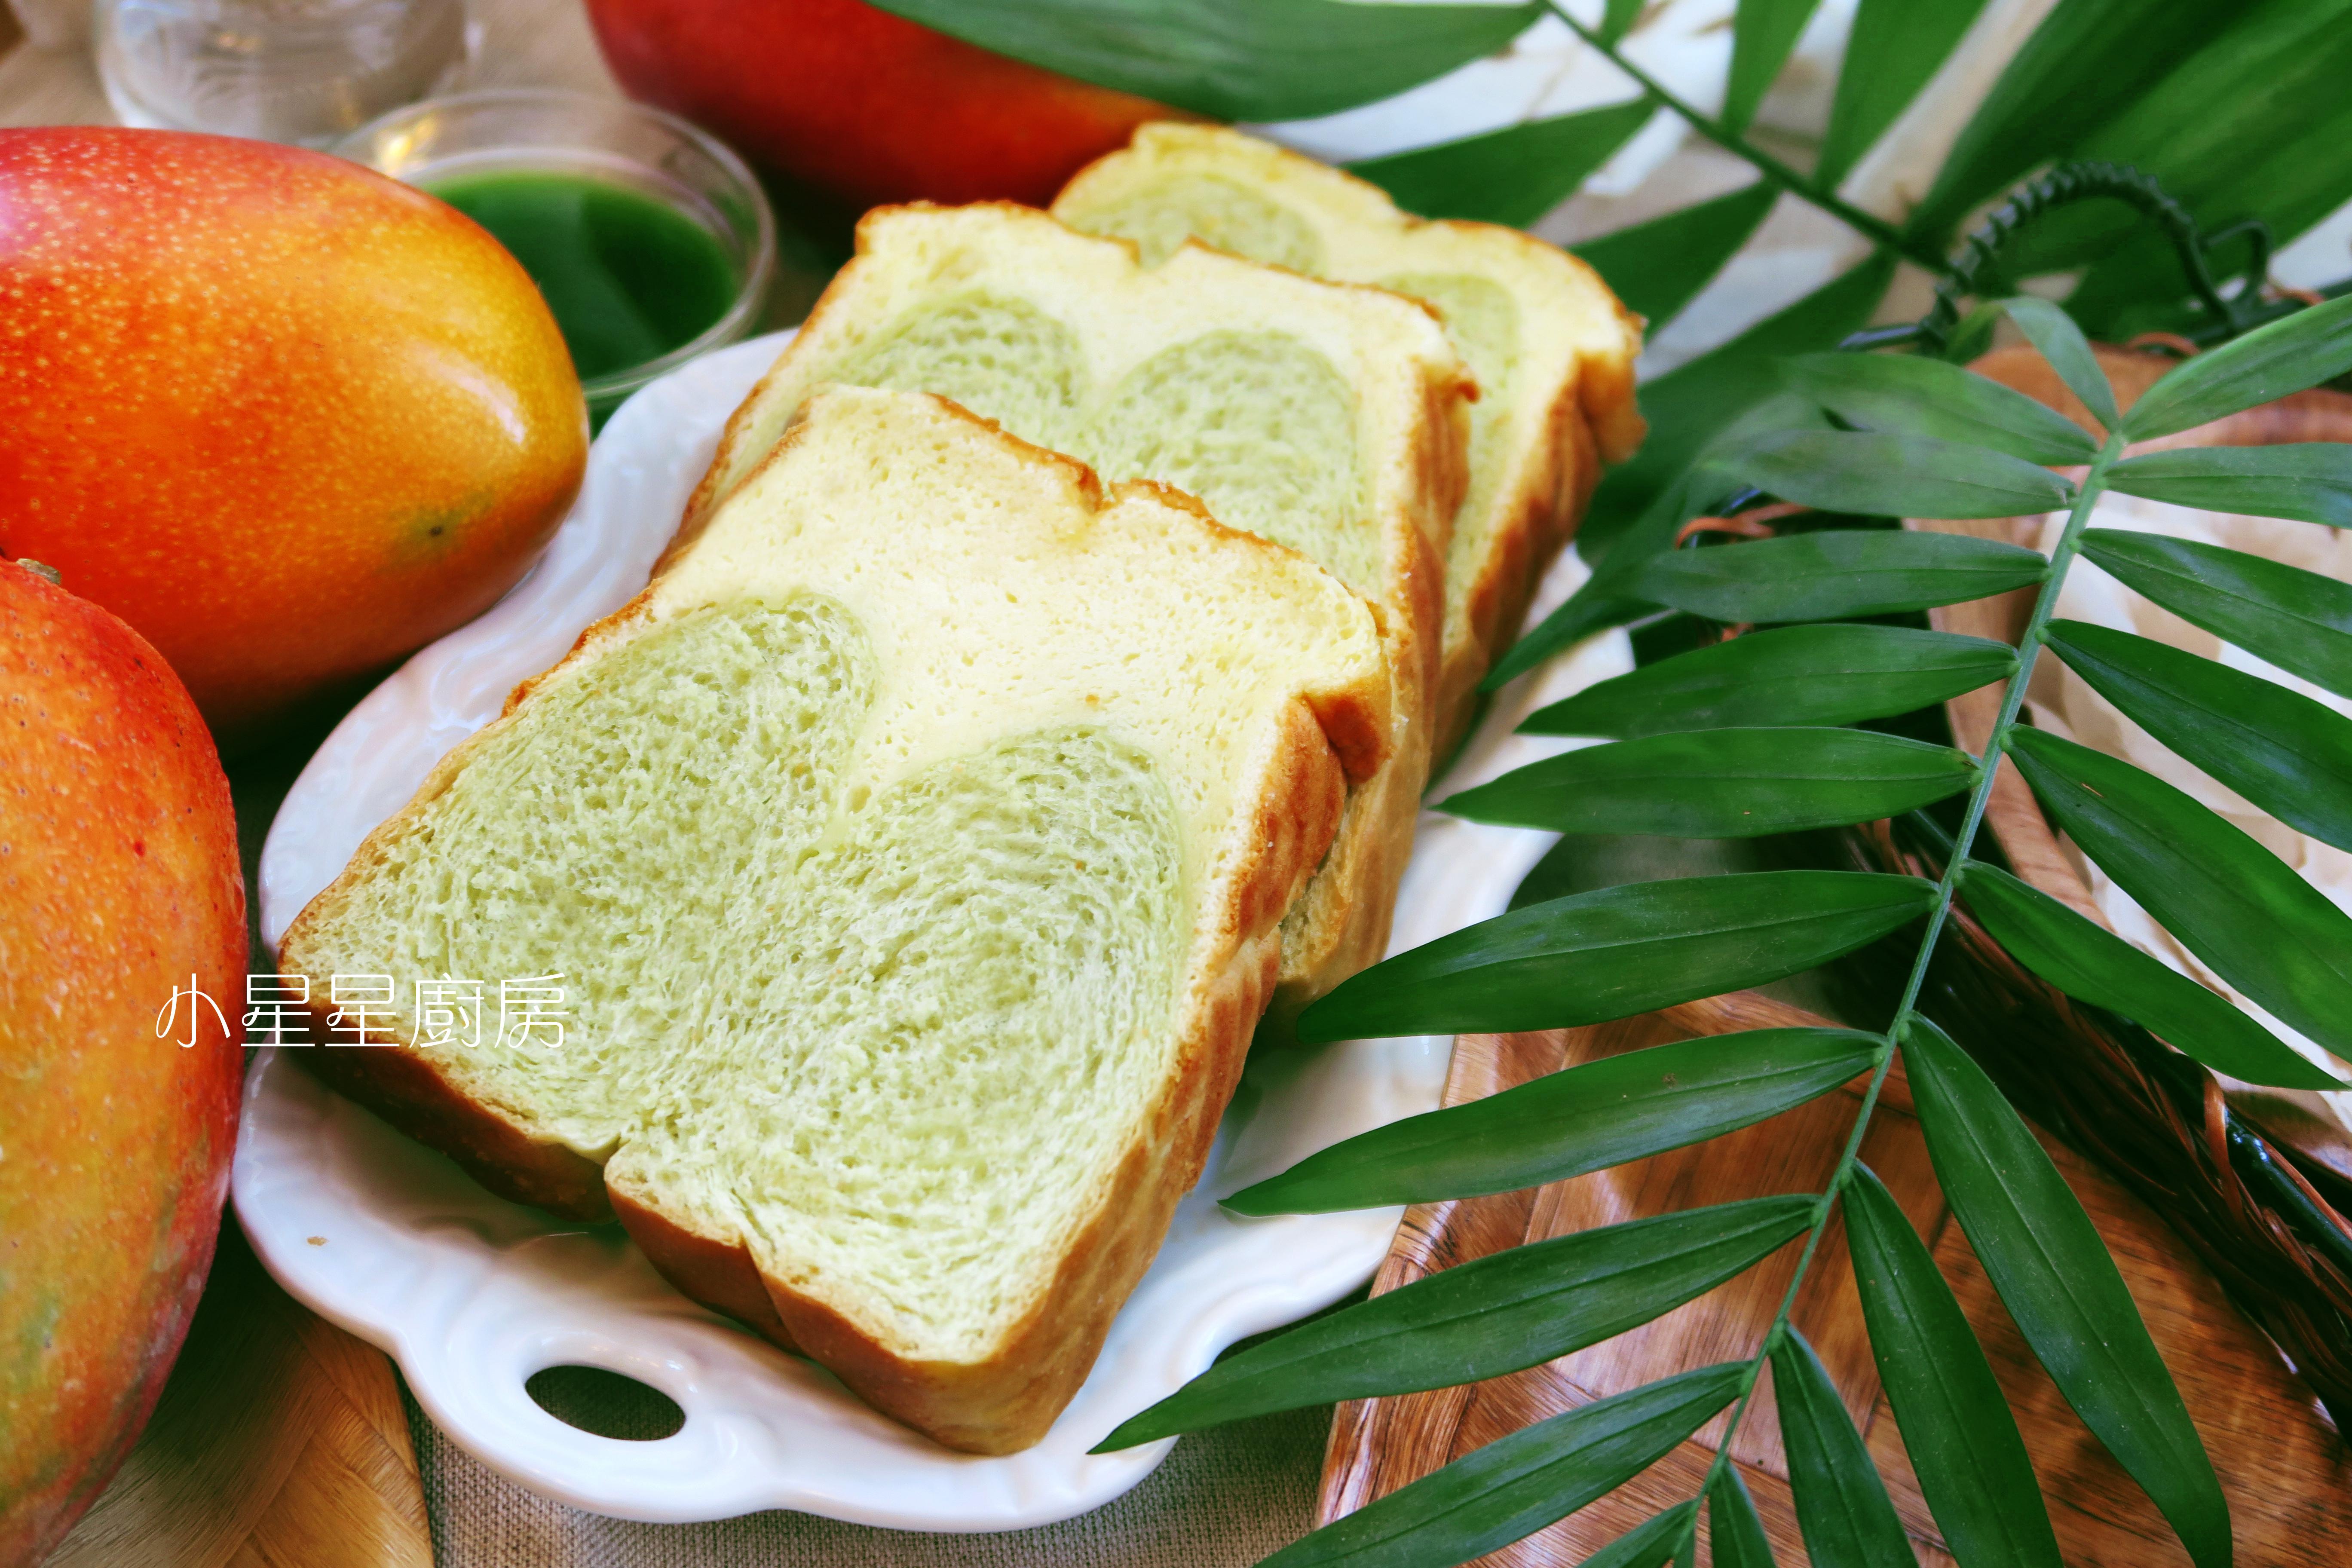 蛋糕吐司(椰奶蛋糕&香蘭吐司)-青春夏季